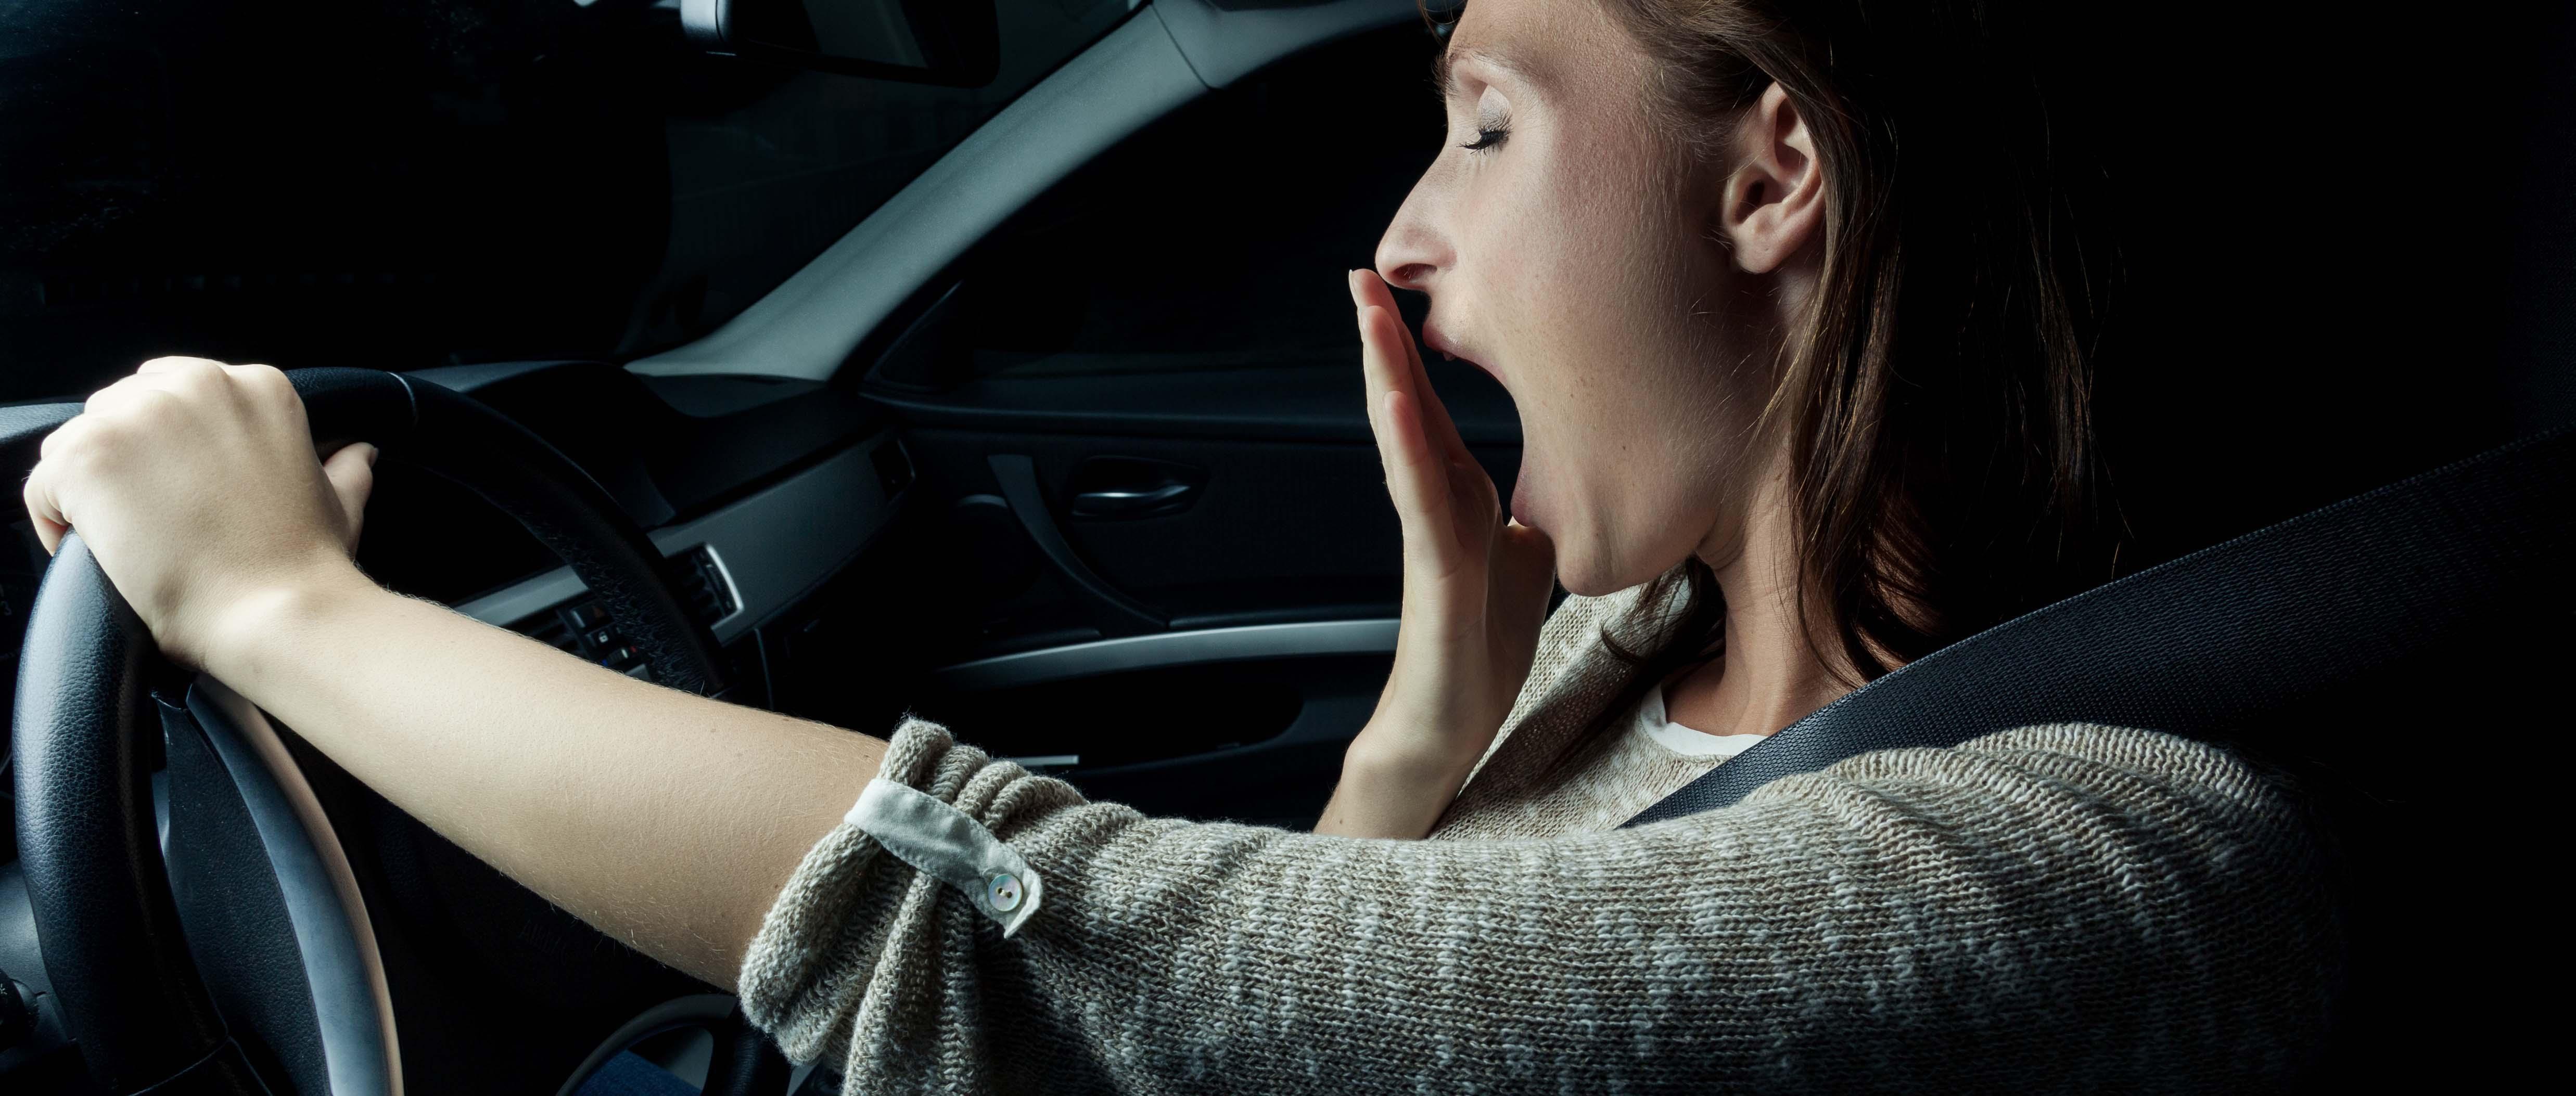 как не заснуть за рулем во время дальних поездок ночью